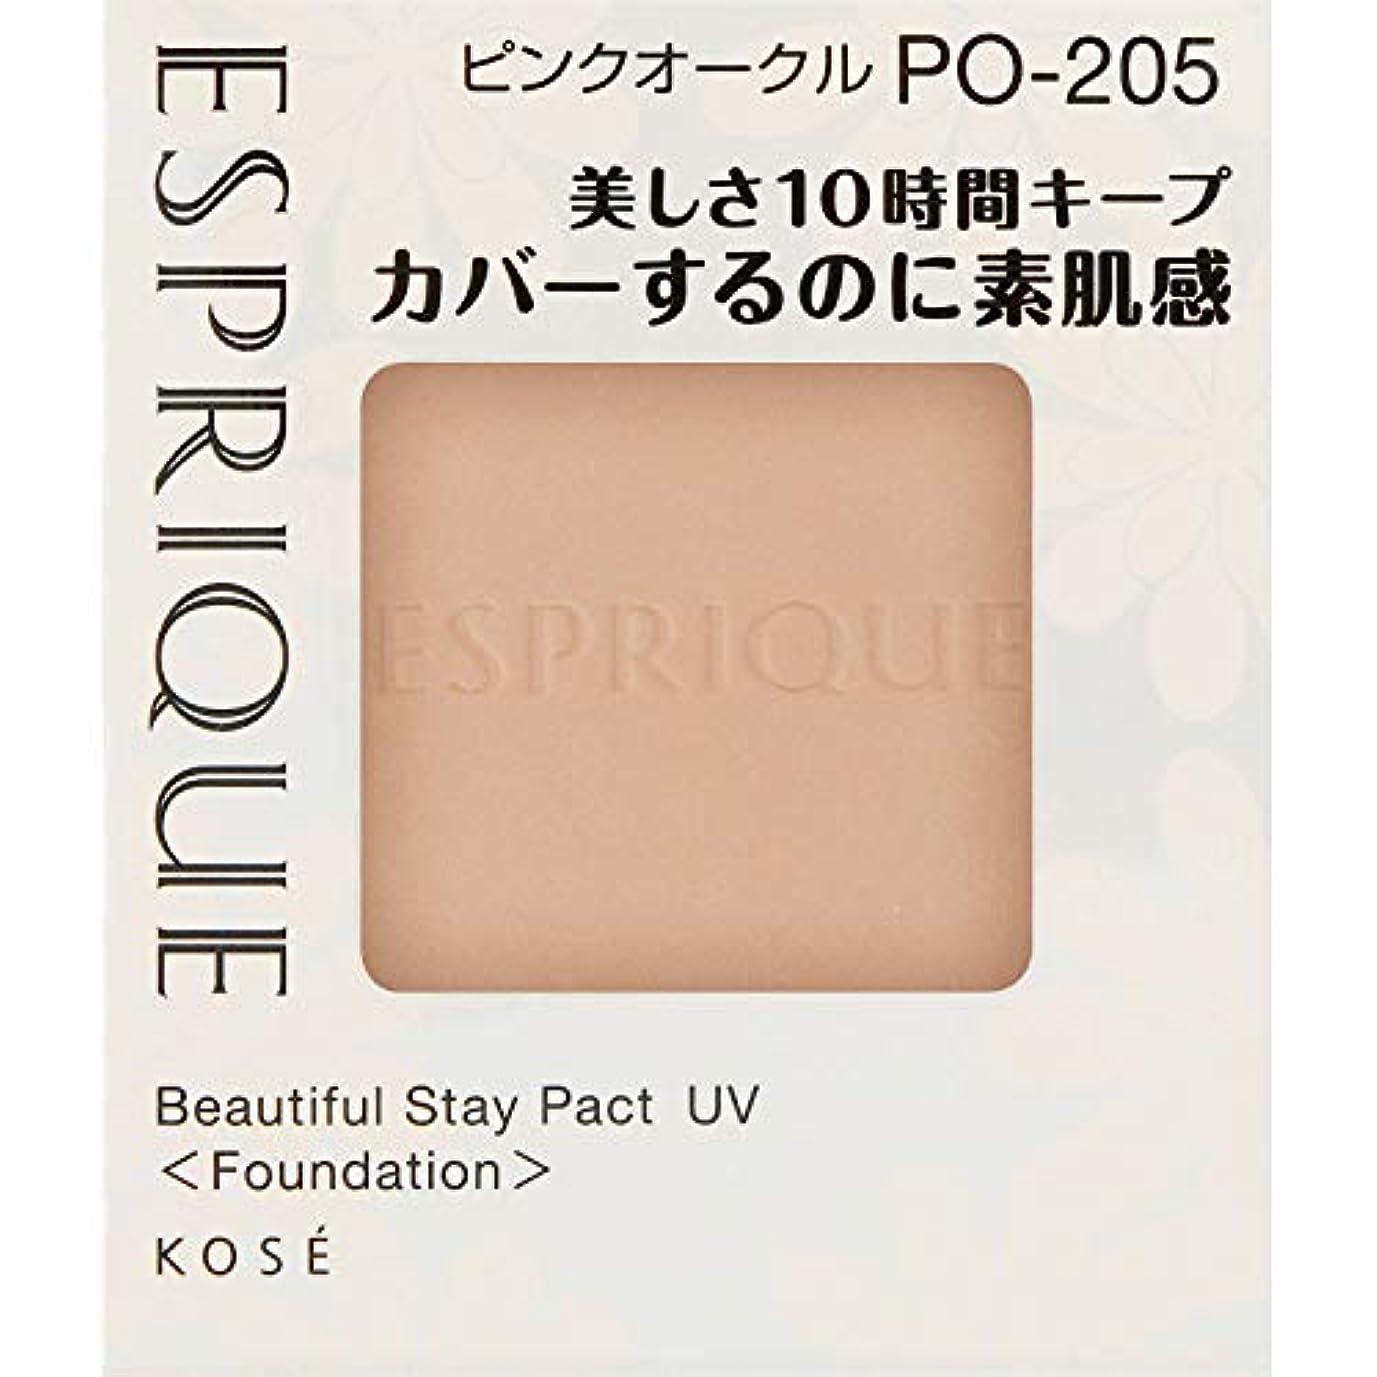 致死フェローシップ珍味エスプリーク カバーするのに素肌感持続 パクト UV PO-205 ピンクオークル 9.3g